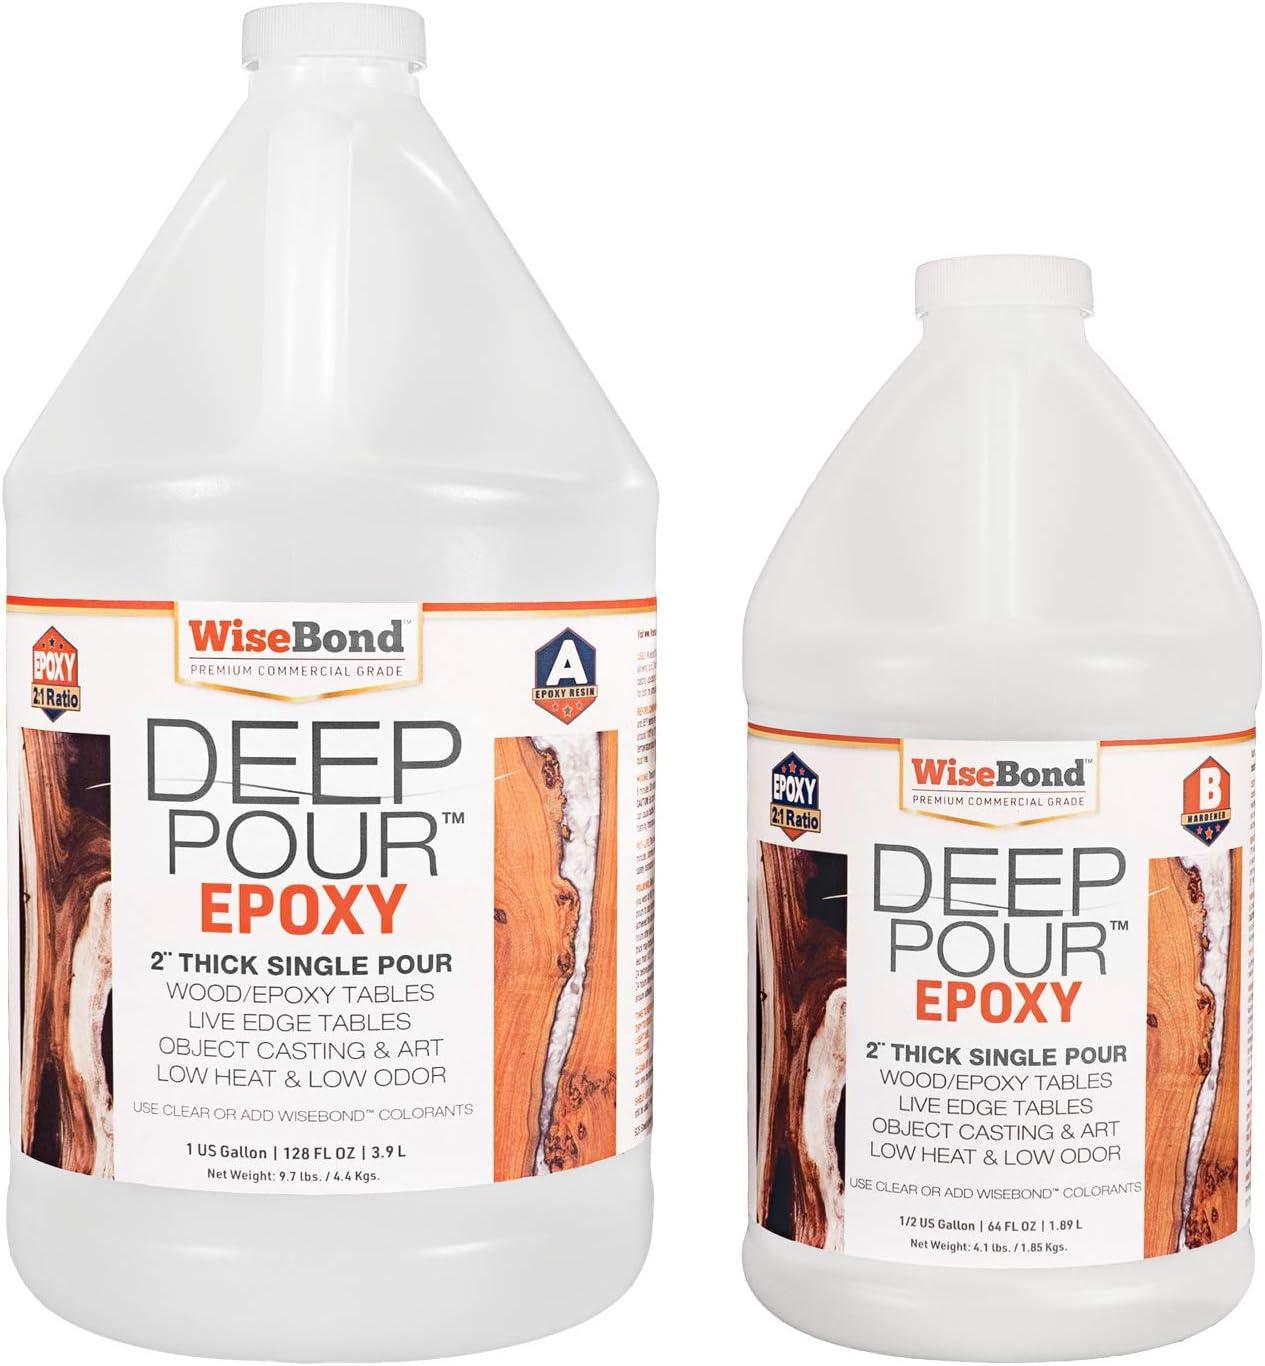 WiseBond DEEP Pour-1.5 Gallon Epoxy Resin